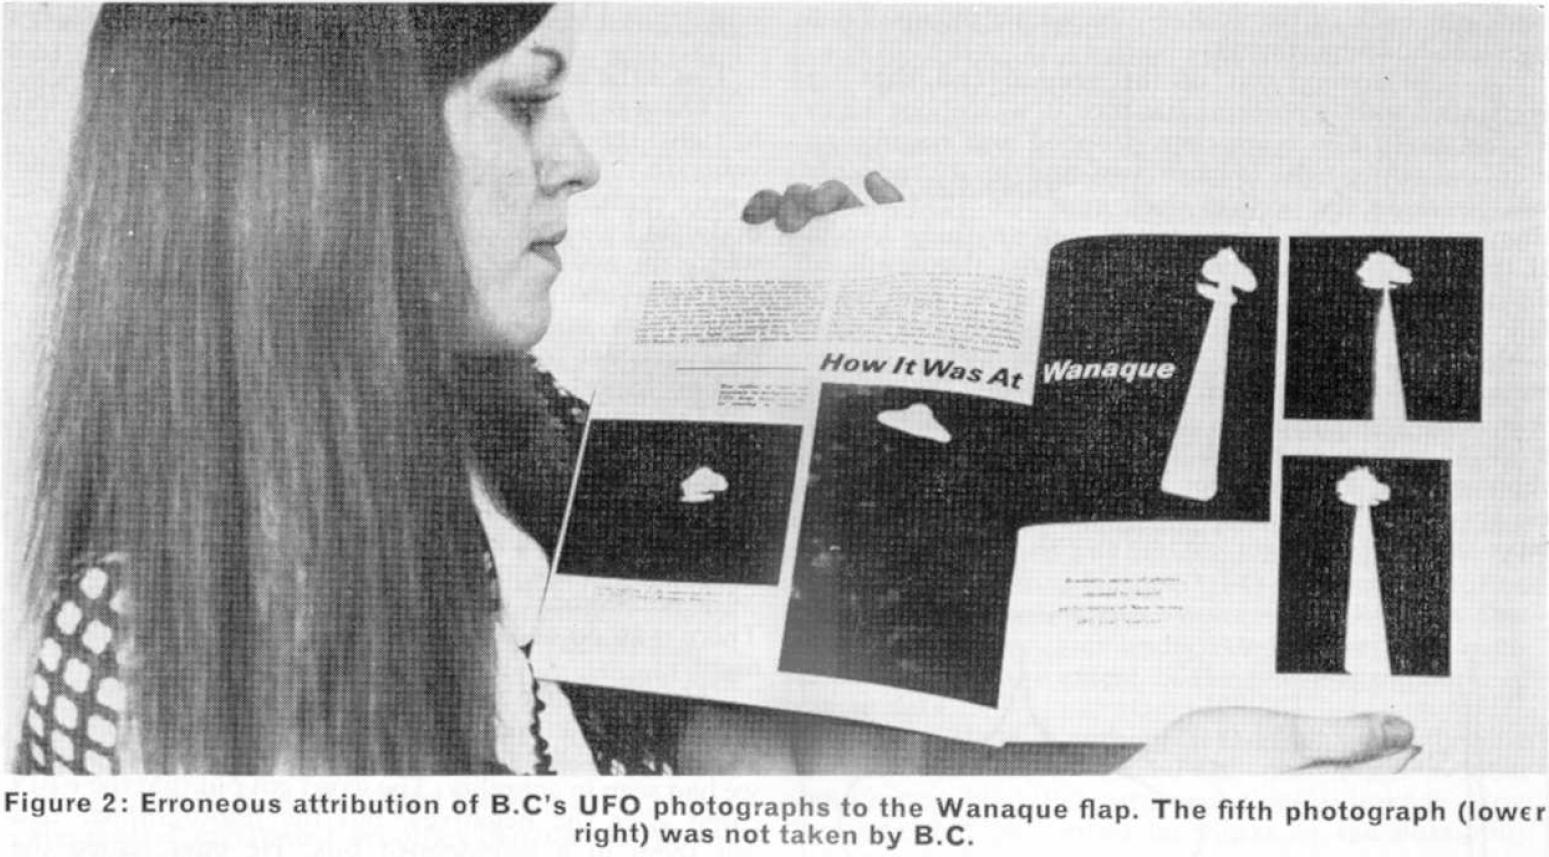 La Photo de Wanaque (1966). Wanaque2